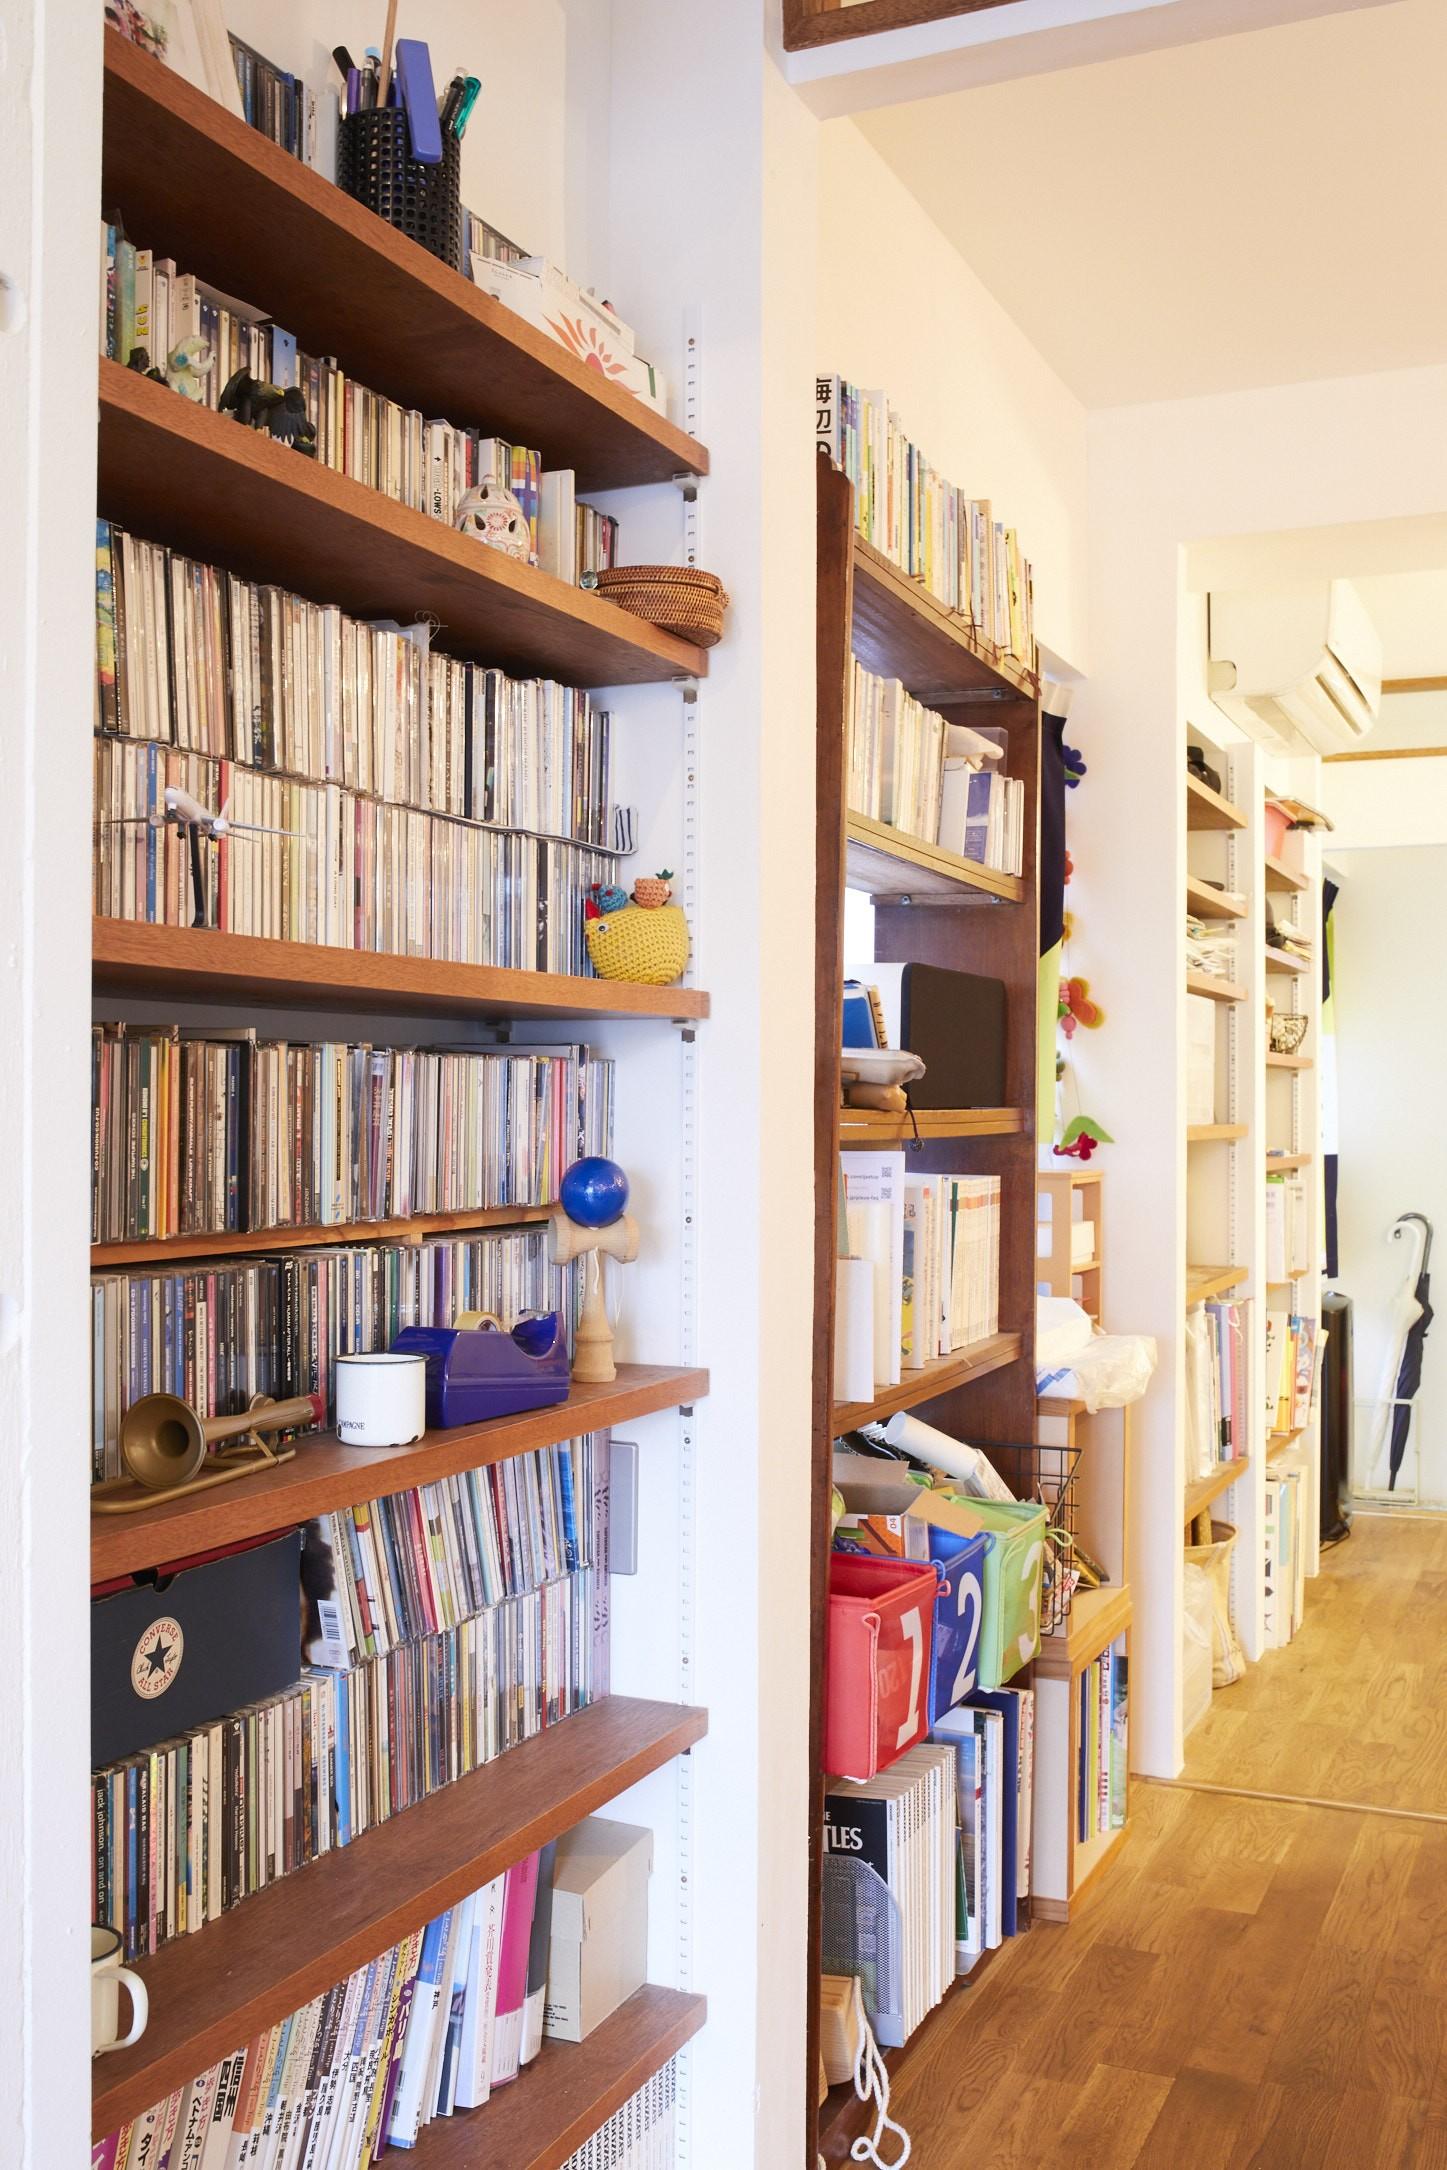 その他事例:廊下(menue-思い出の家具を中心に、家族団らんを楽しめる住まいを)